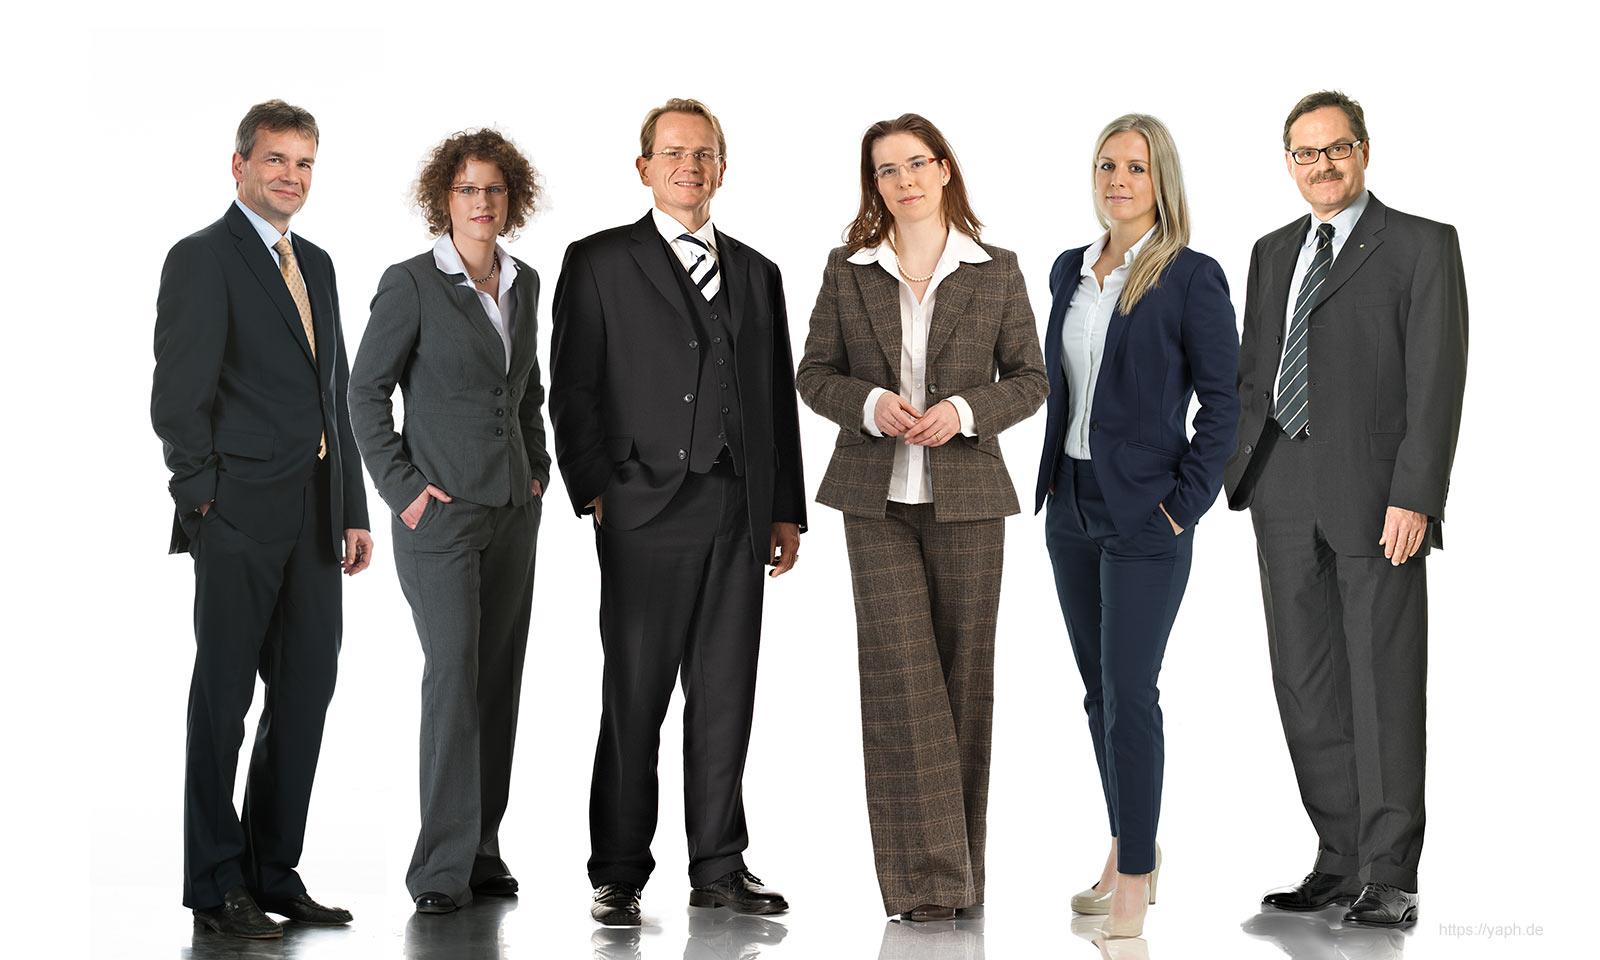 Business Portraits, Mitarbeiterportraits und das Teamfoto der Rechtsanwälte der Kanzlei Seibel und Partner bei Fotograf Bewerbungsfotos in Trier Yaph